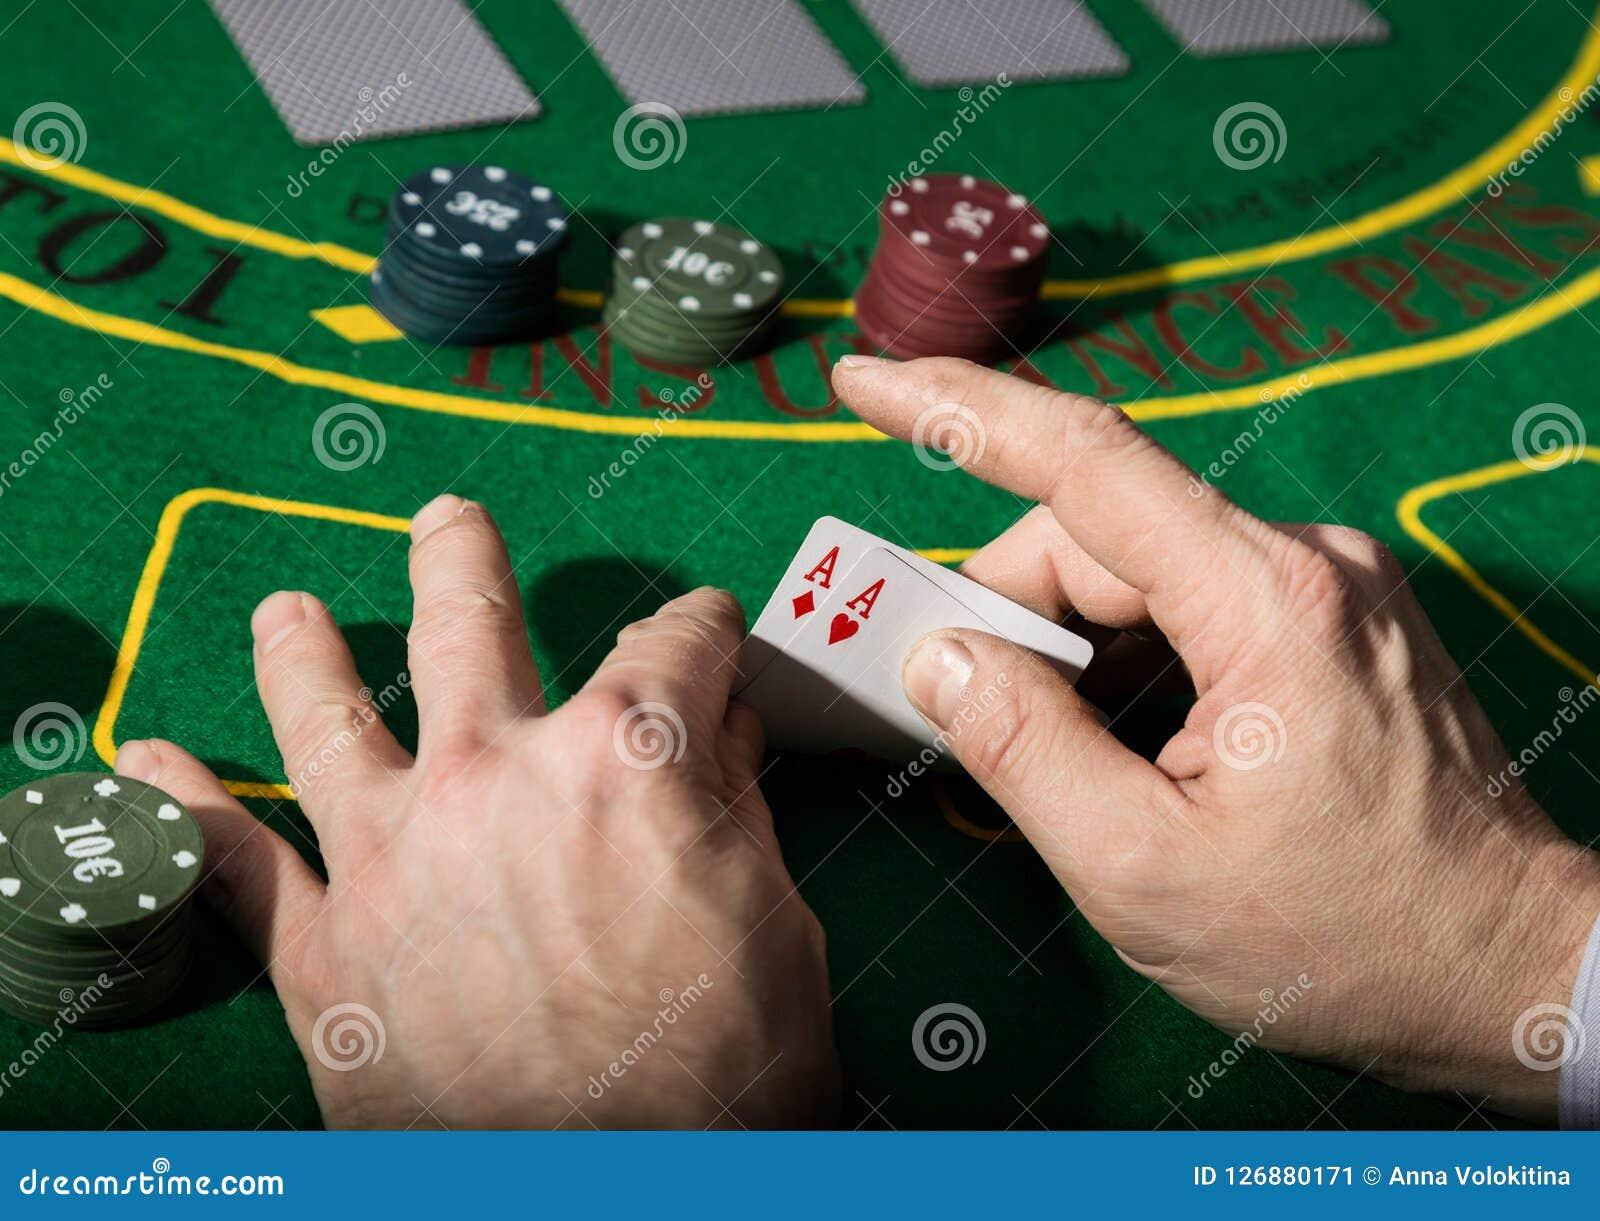 在扑克牌游戏的赢取的组合 卡片和芯片在一块绿色布料